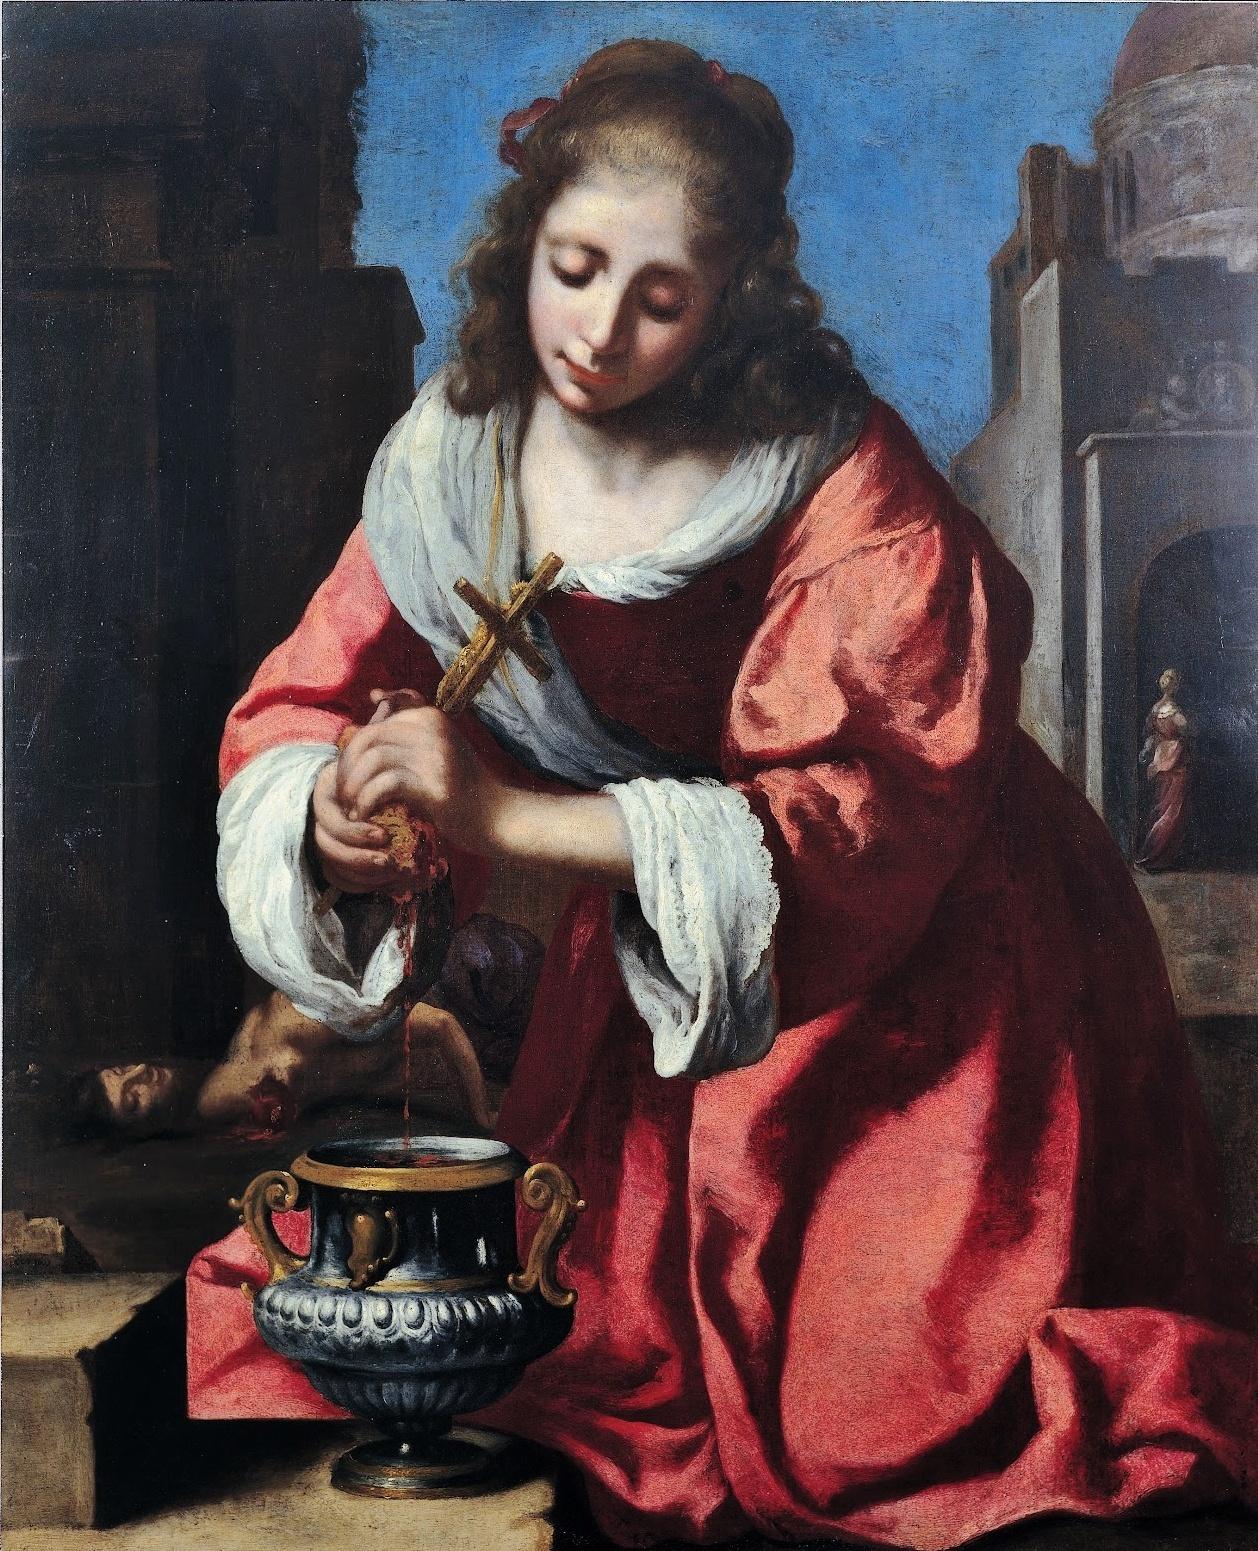 Вермеер на аукционе: ажиотаж вокруг «Святой Пракседы»